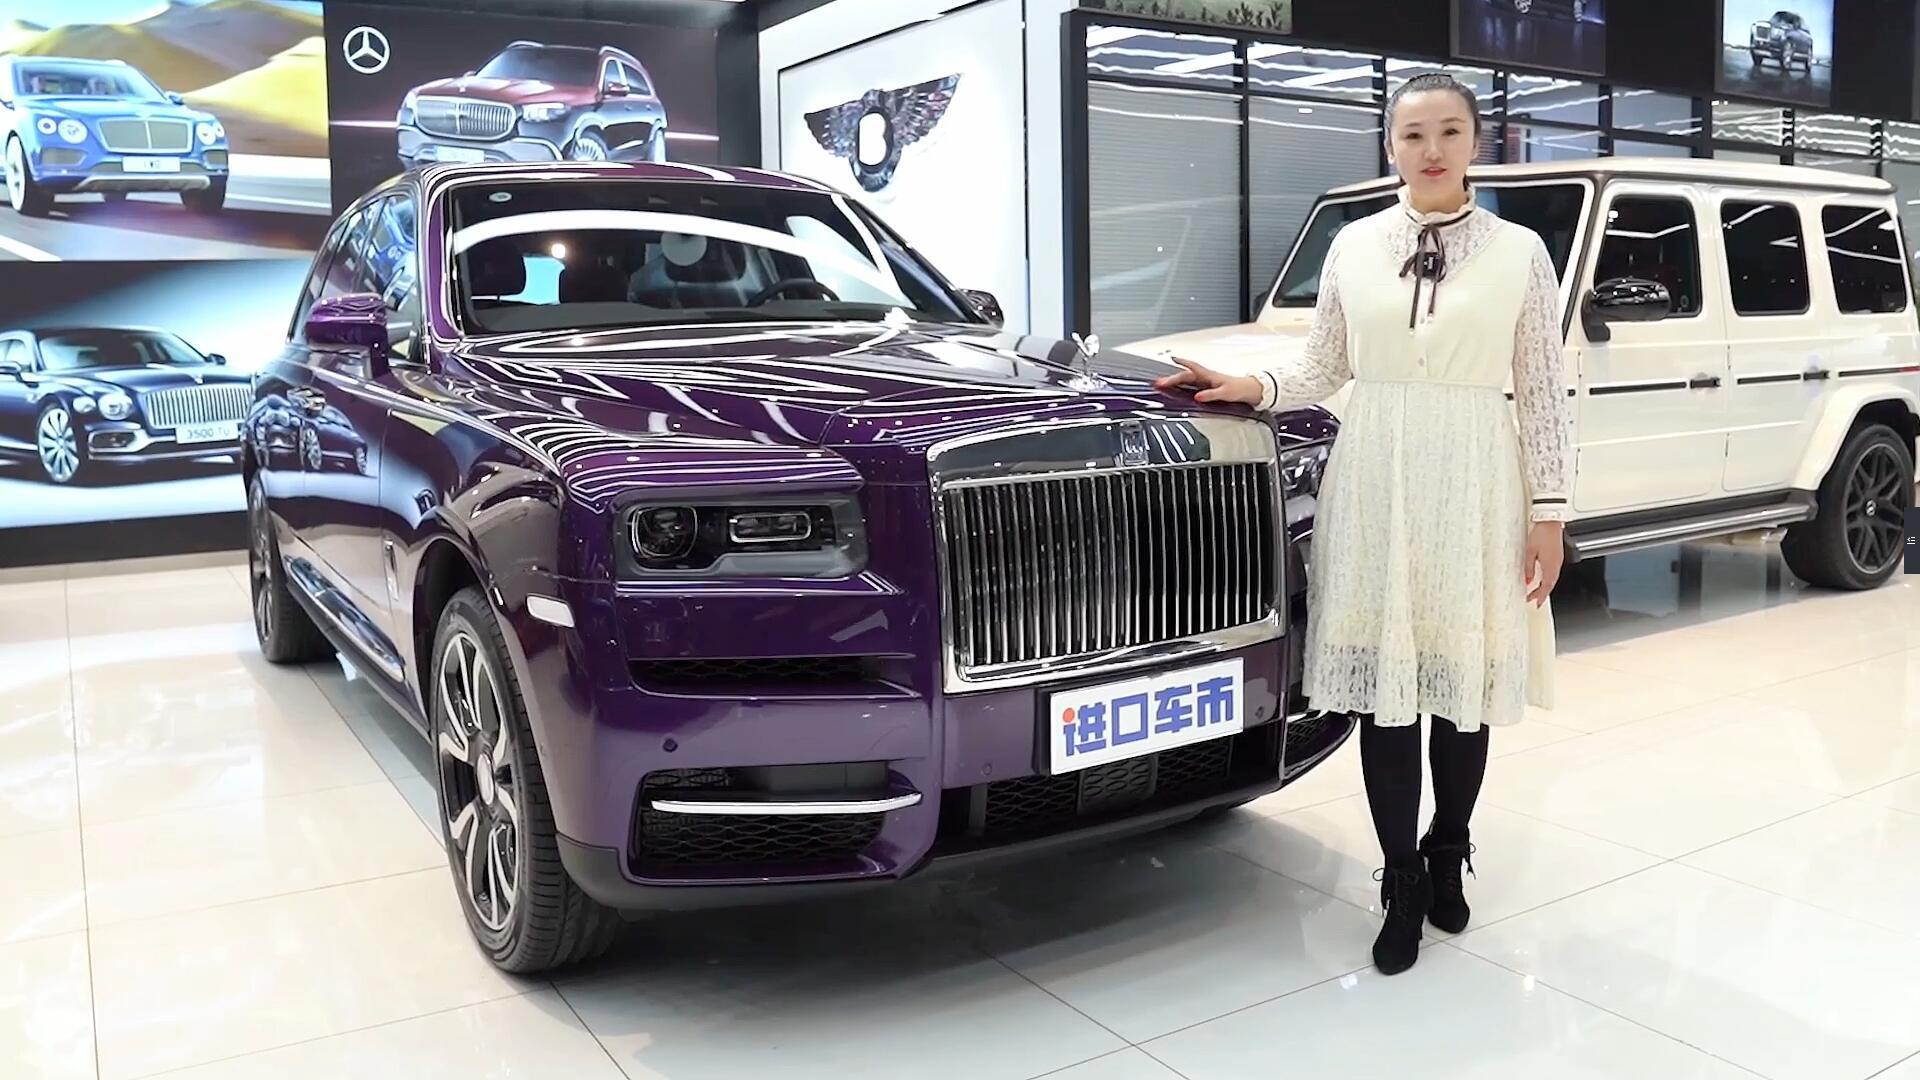 劳斯莱斯库里南暮光紫实车体验,奢华SUV终极座驾,彰显非凡身份